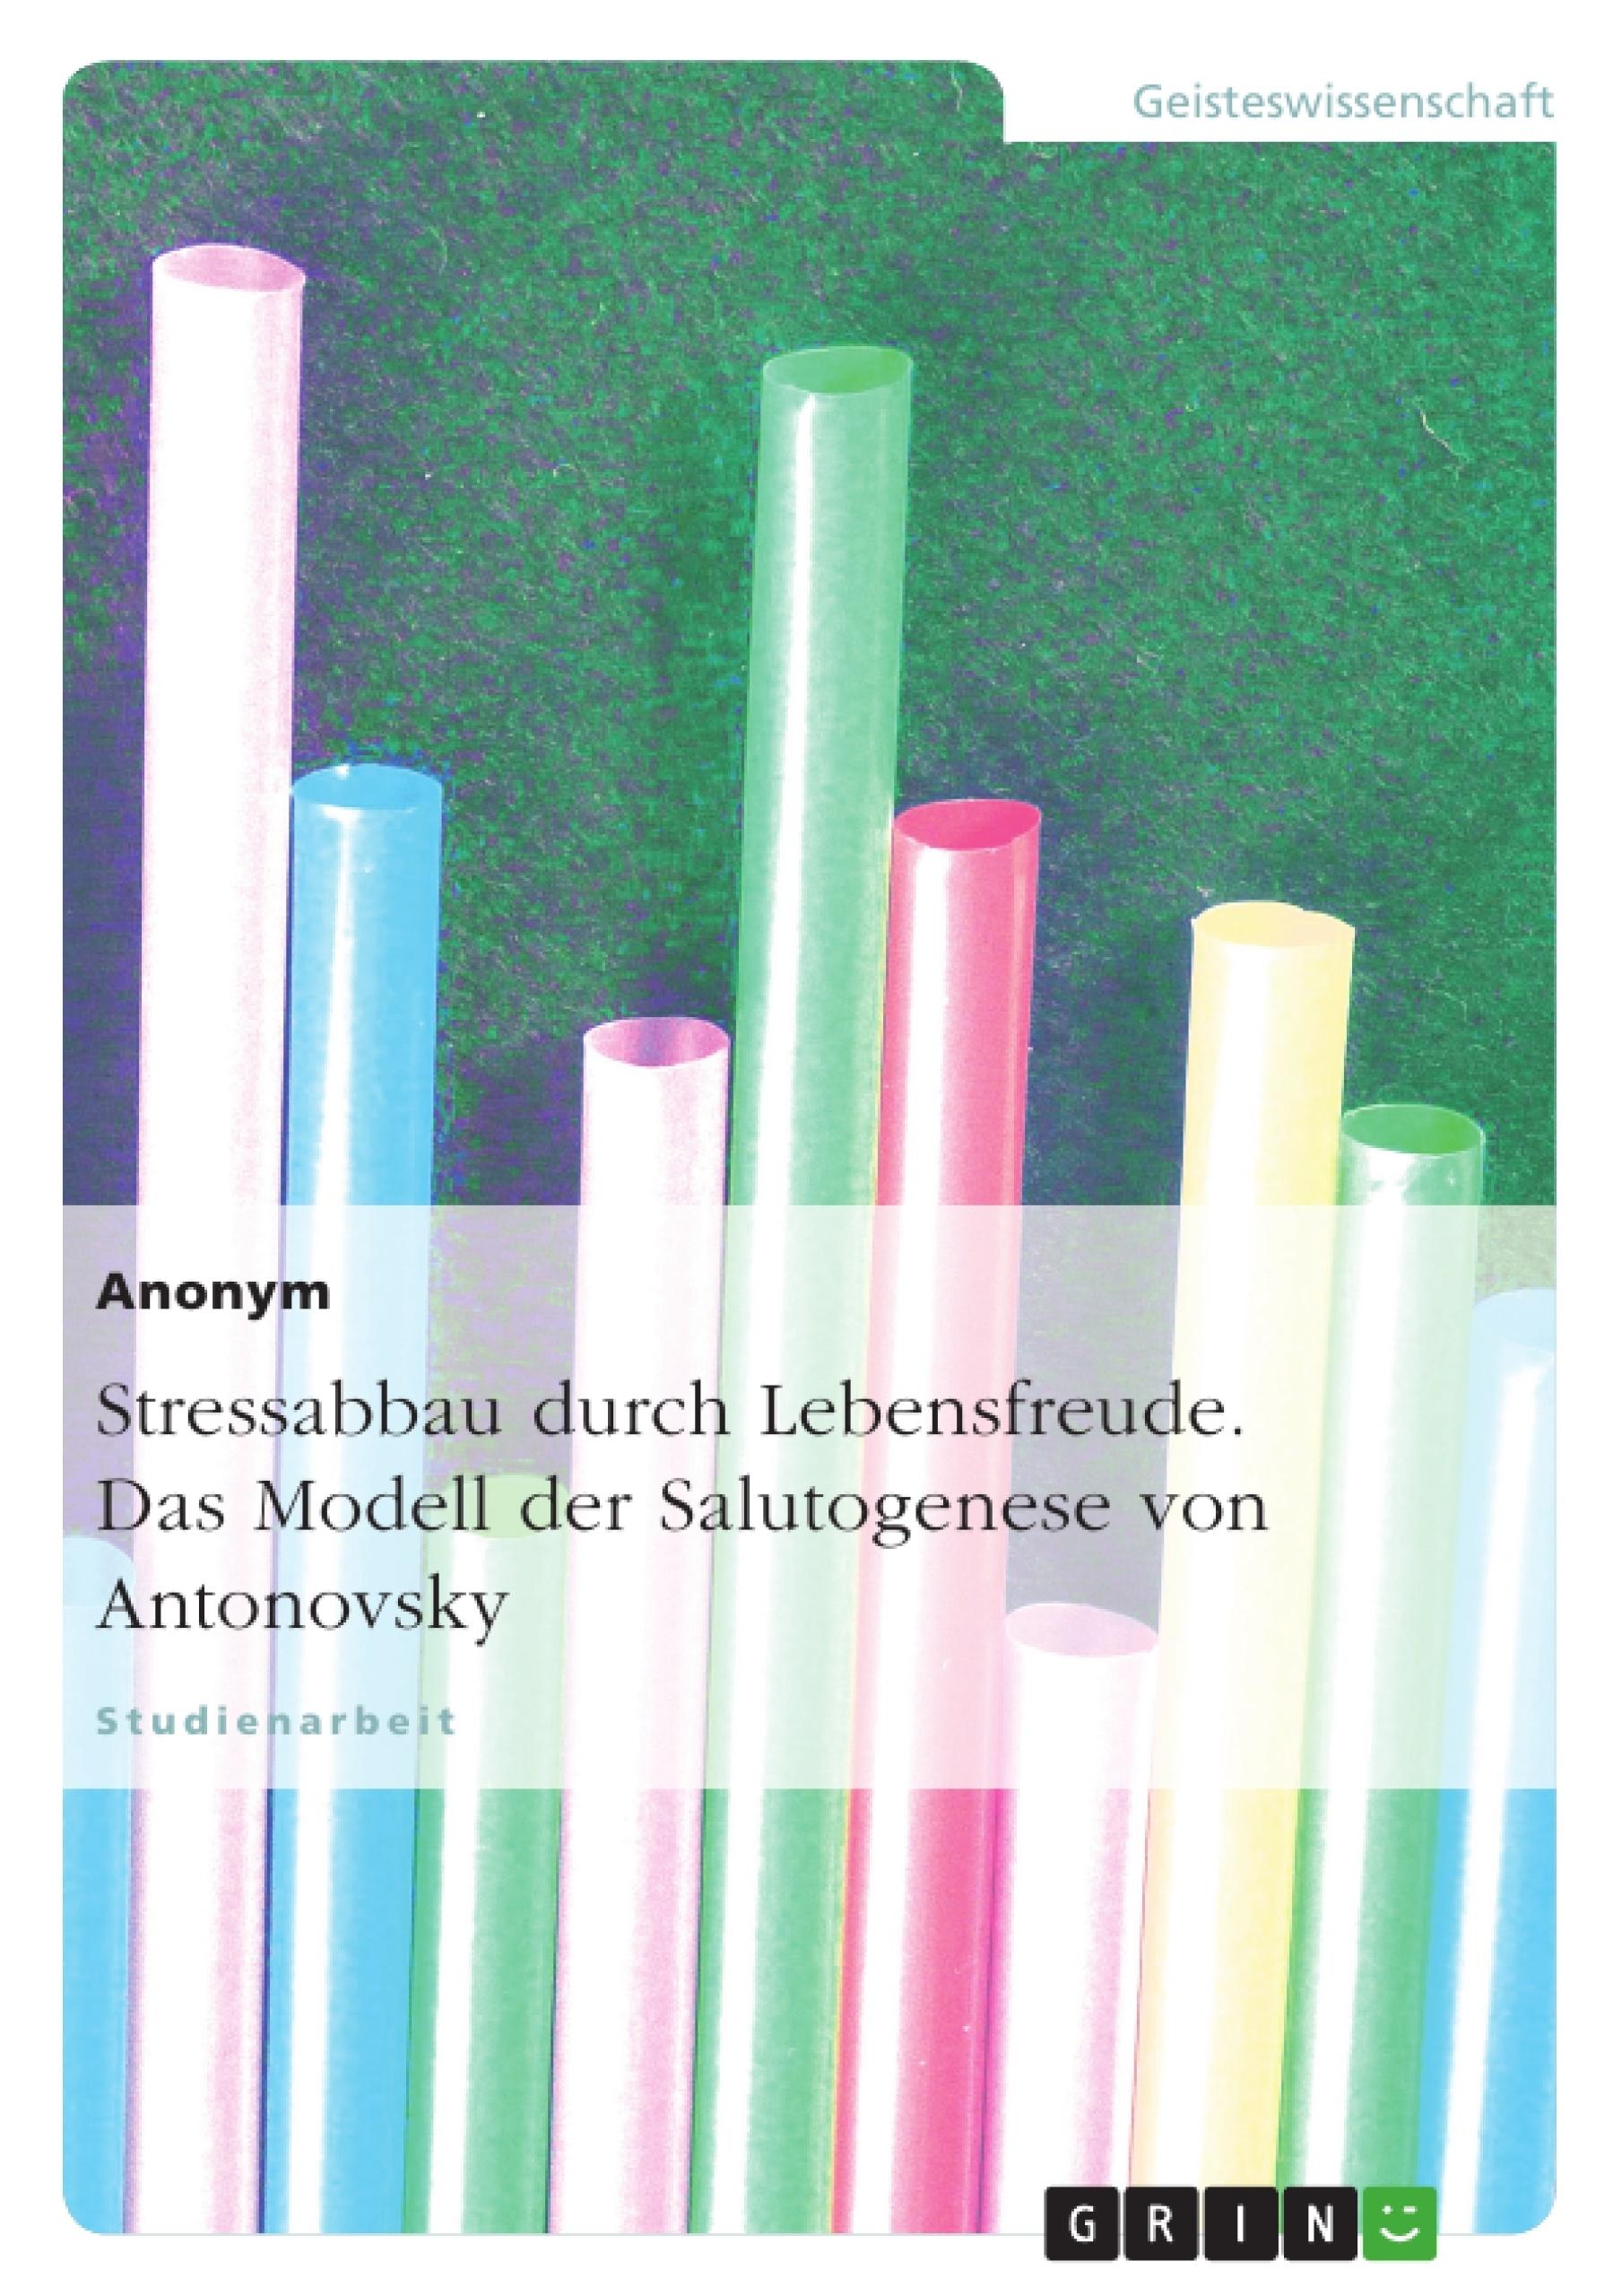 Titel: Stressabbau durch Lebensfreude. Das Modell der Salutogenese von Antonovsky